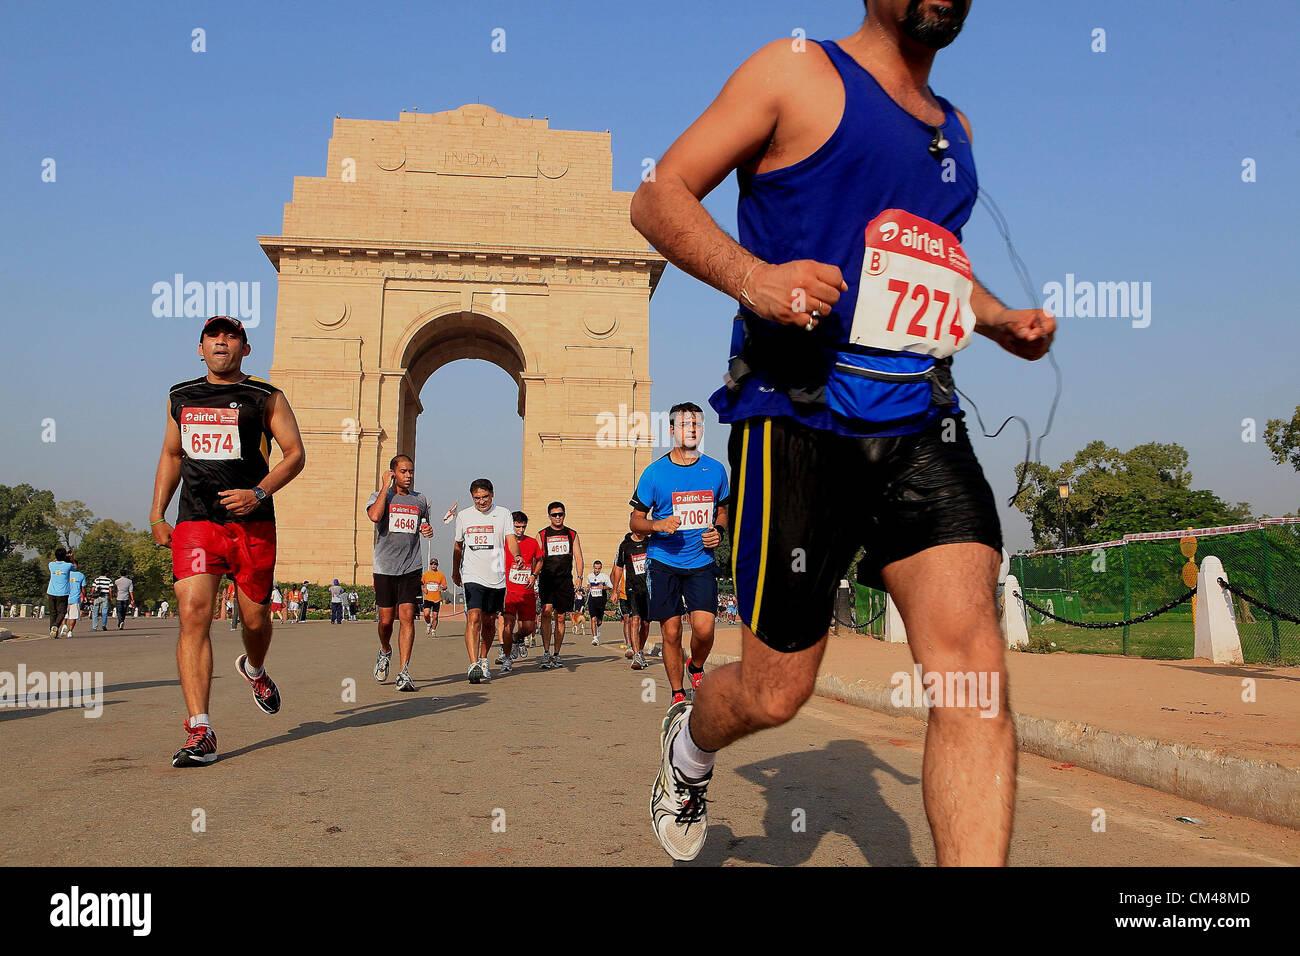 Le 30 septembre 2012 - New Delhi, Inde - Delhi résidents participent à la Nouvelle Delhi Demi-marathon en courant Banque D'Images